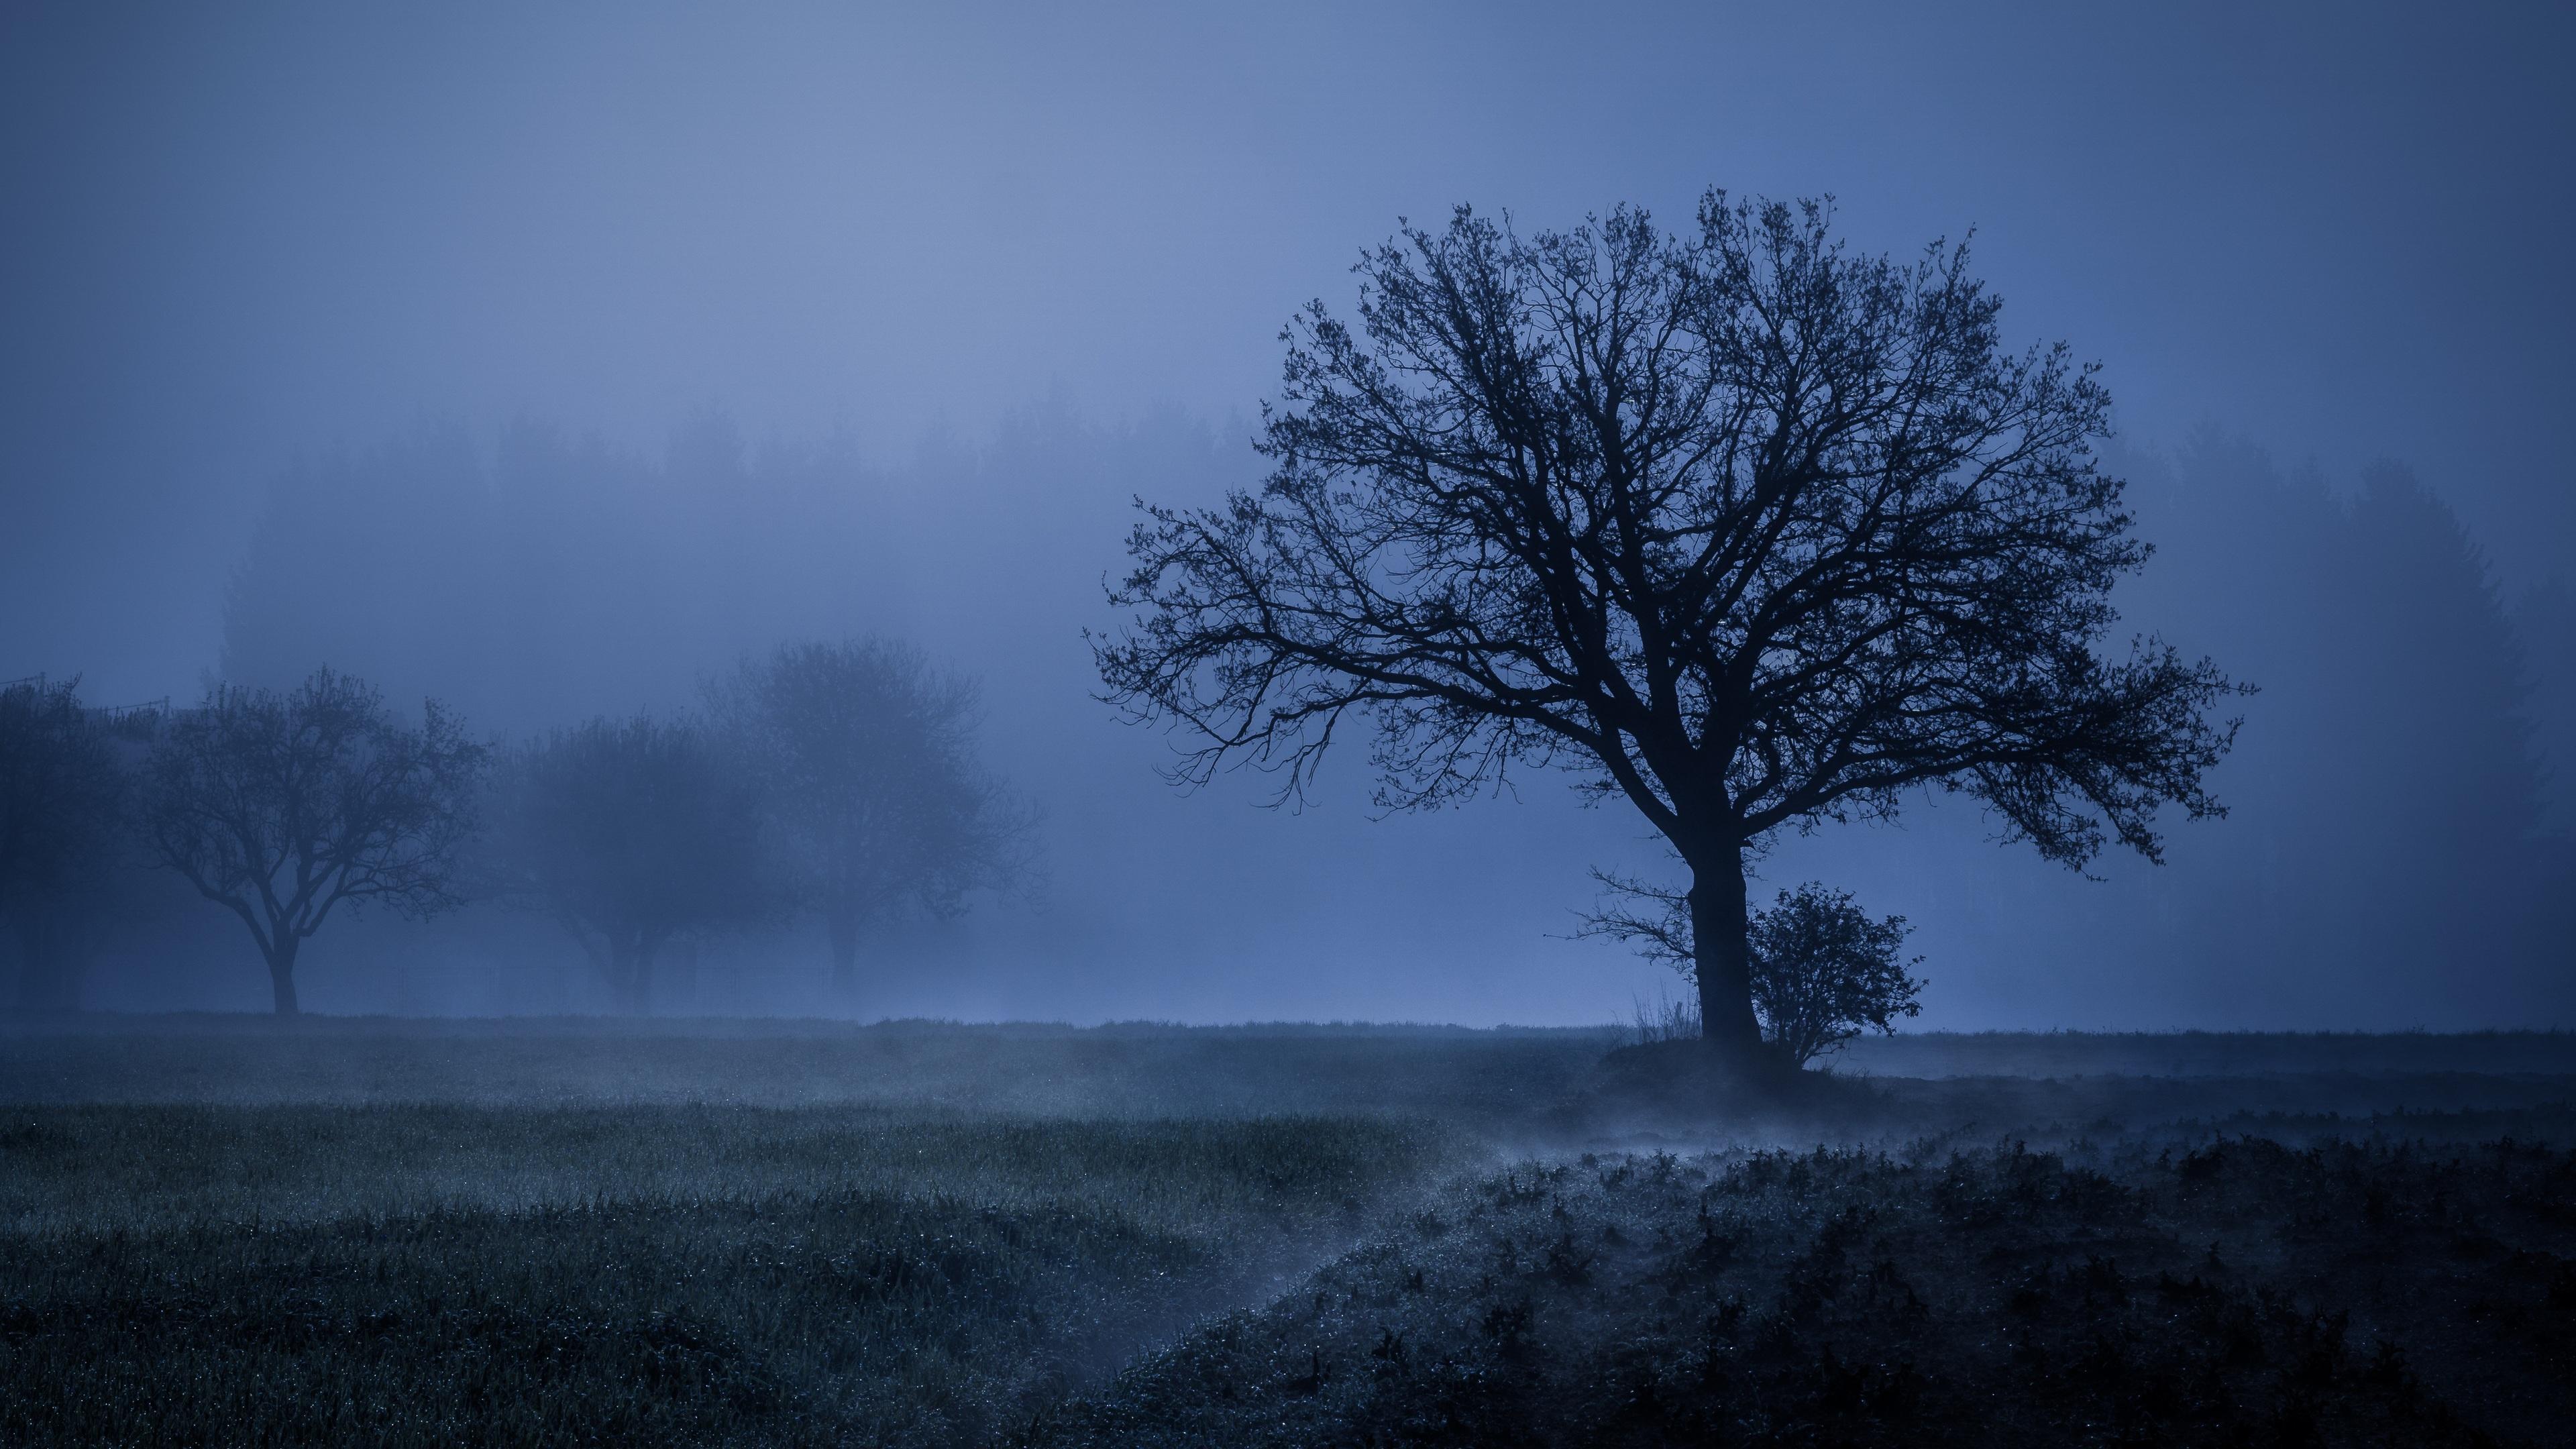 field fog trees blue weather cold 4k 1540135103 - Field Fog Trees Blue Weather Cold 4k - weather wallpapers, trees wallpapers, nature wallpapers, hd-wallpapers, fog wallpapers, field wallpapers, cold wallpapers, 5k wallpapers, 4k-wallpapers